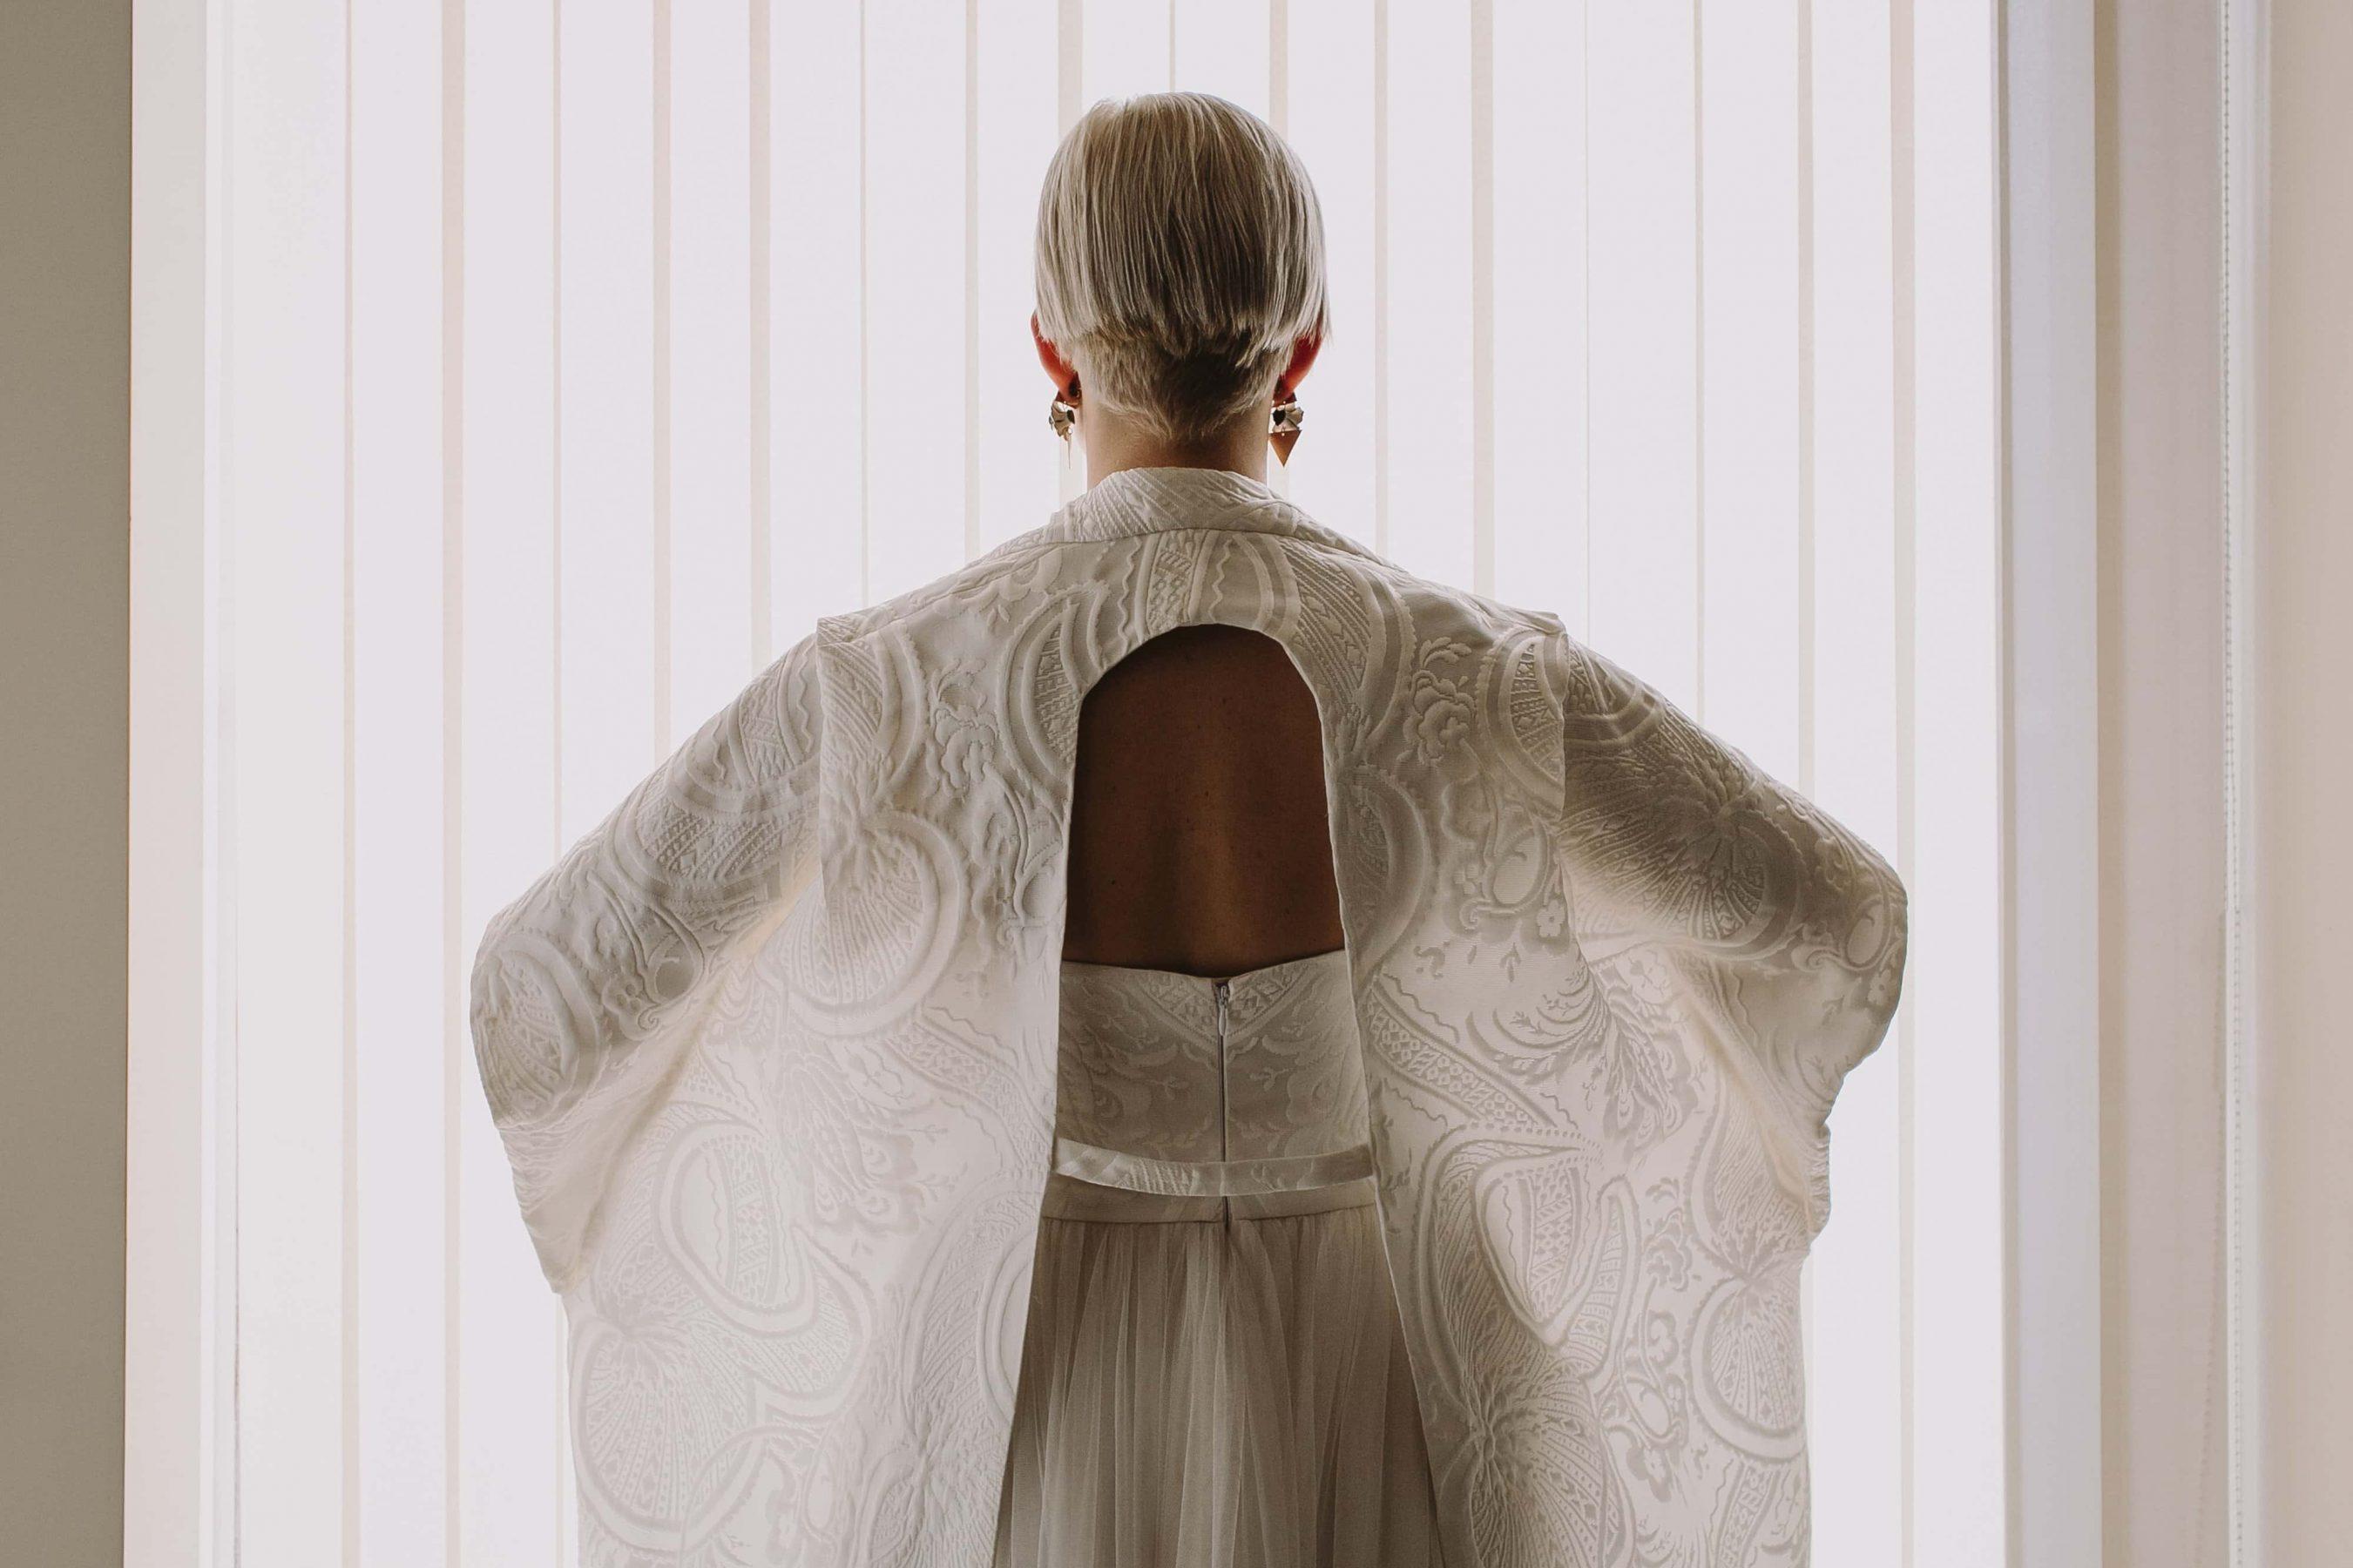 Boda-Jesana-vestido-novia